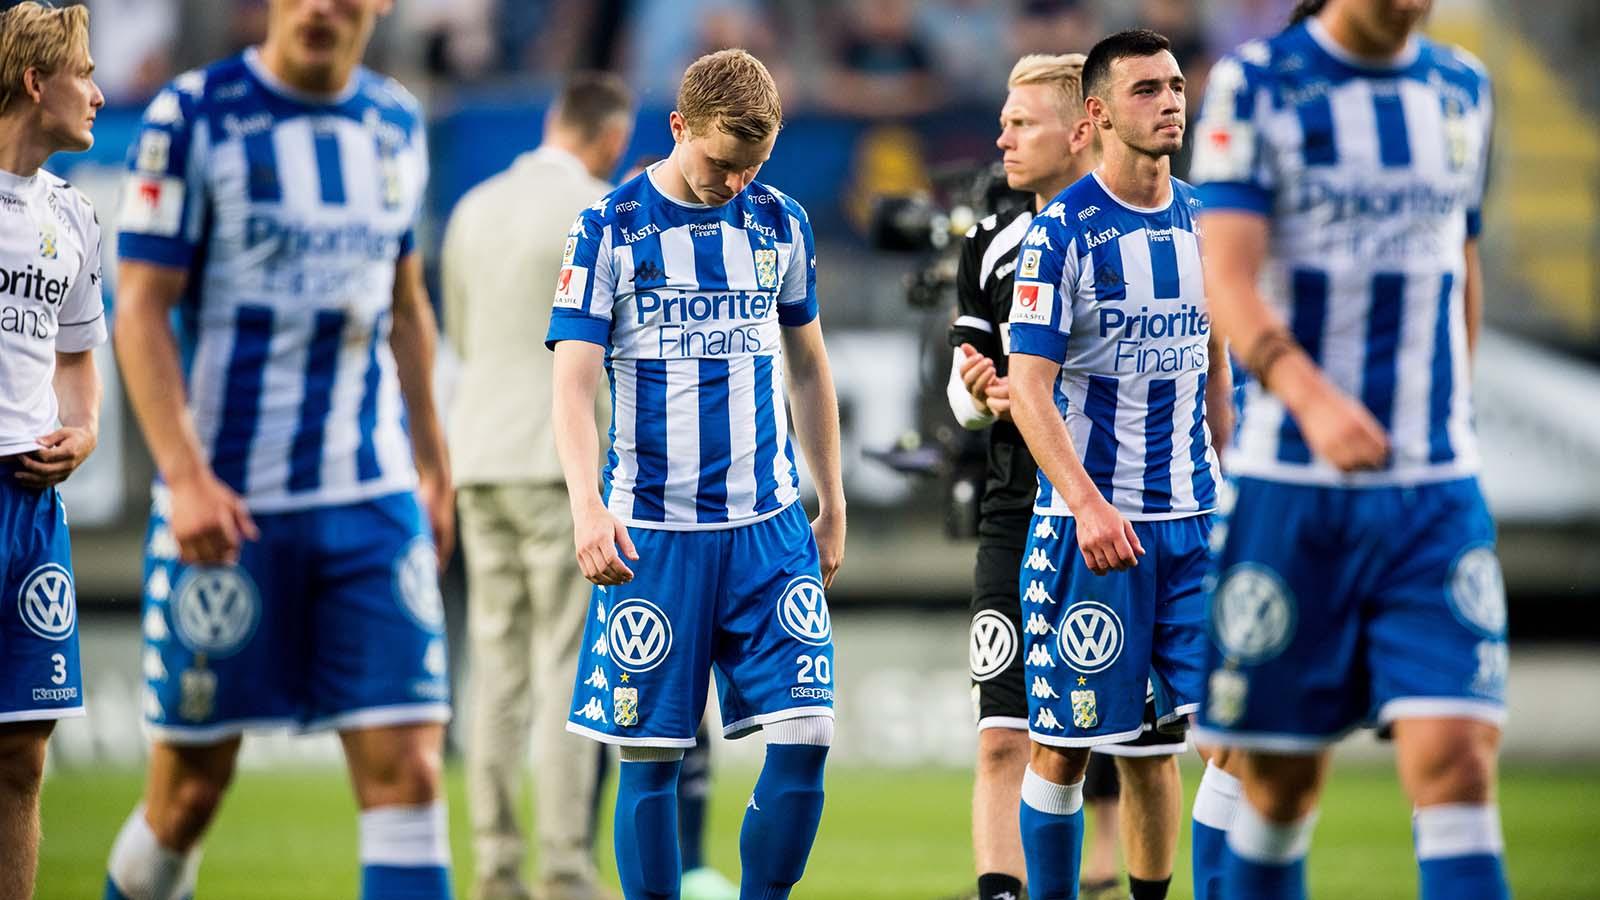 180524 IFK Göteborgs Victor Wernersson och Giorgi Kharaishvili deppar efter fotbollsmatchen i Allsvenskan mellan IFK Göteborg och Djurgården den 24 maj 2018 i Göteborg. Foto: Carl Sandin / BILDBYRÅN / kod CS / 57999_356